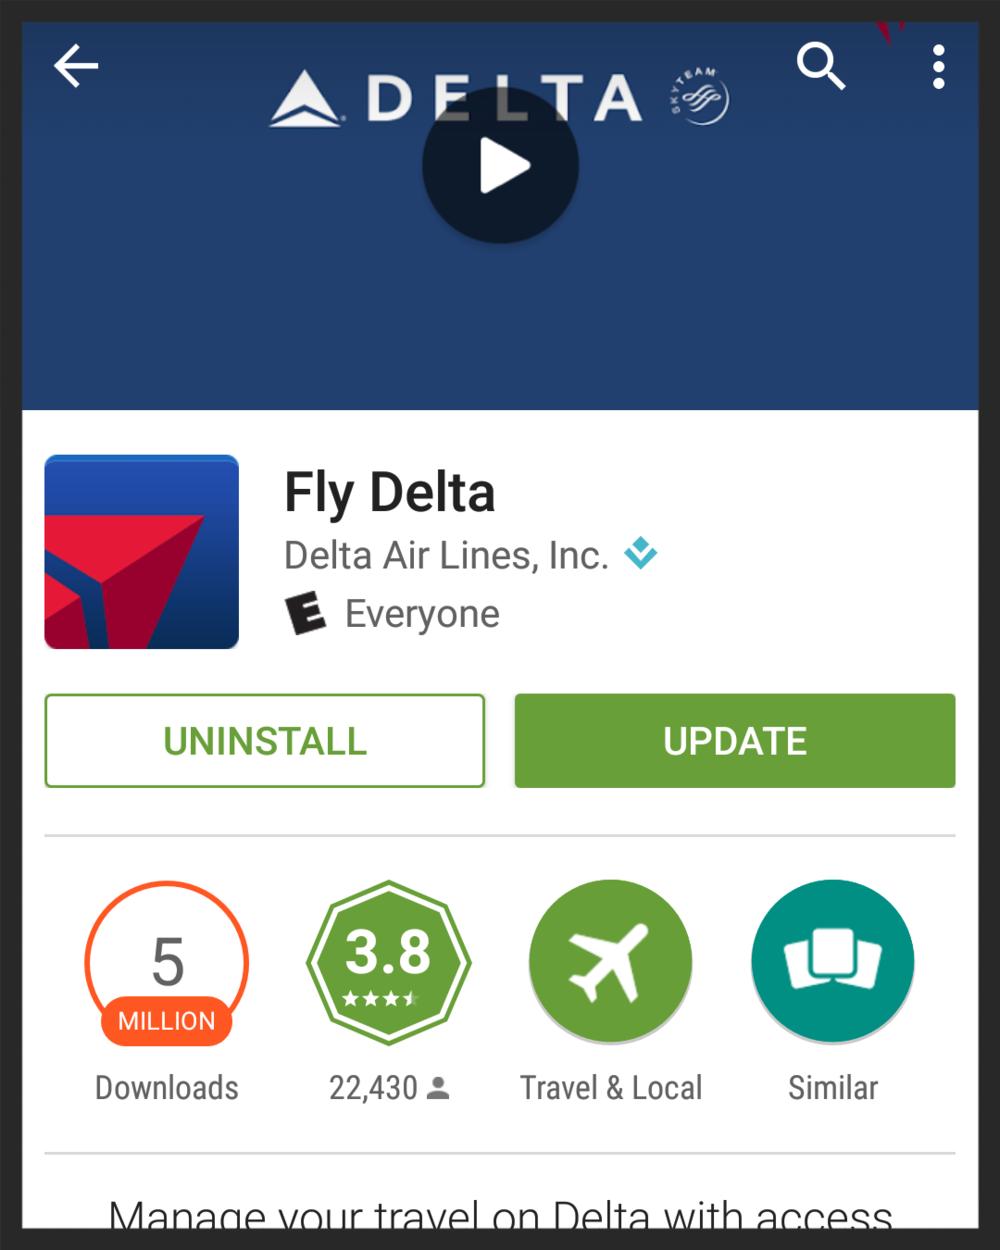 flydelta-mobile-app-screenshot.png